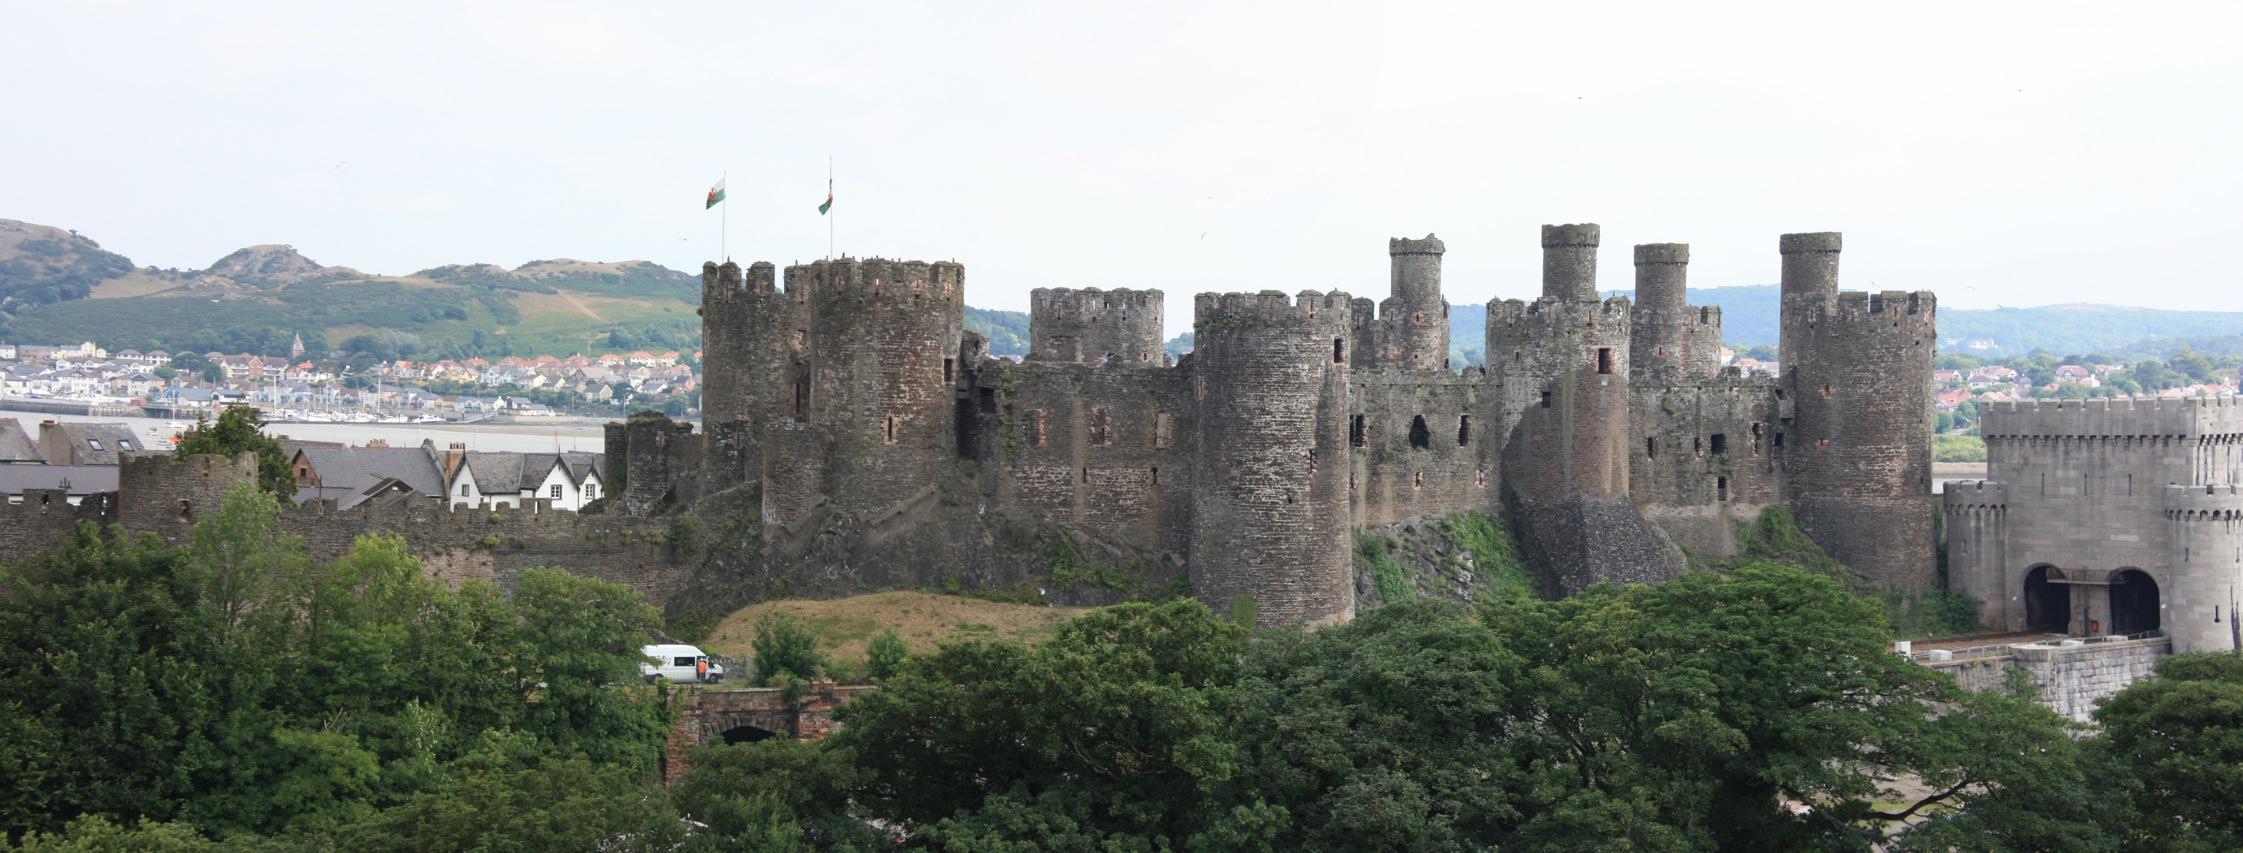 566 Castle from Bridge.jpg